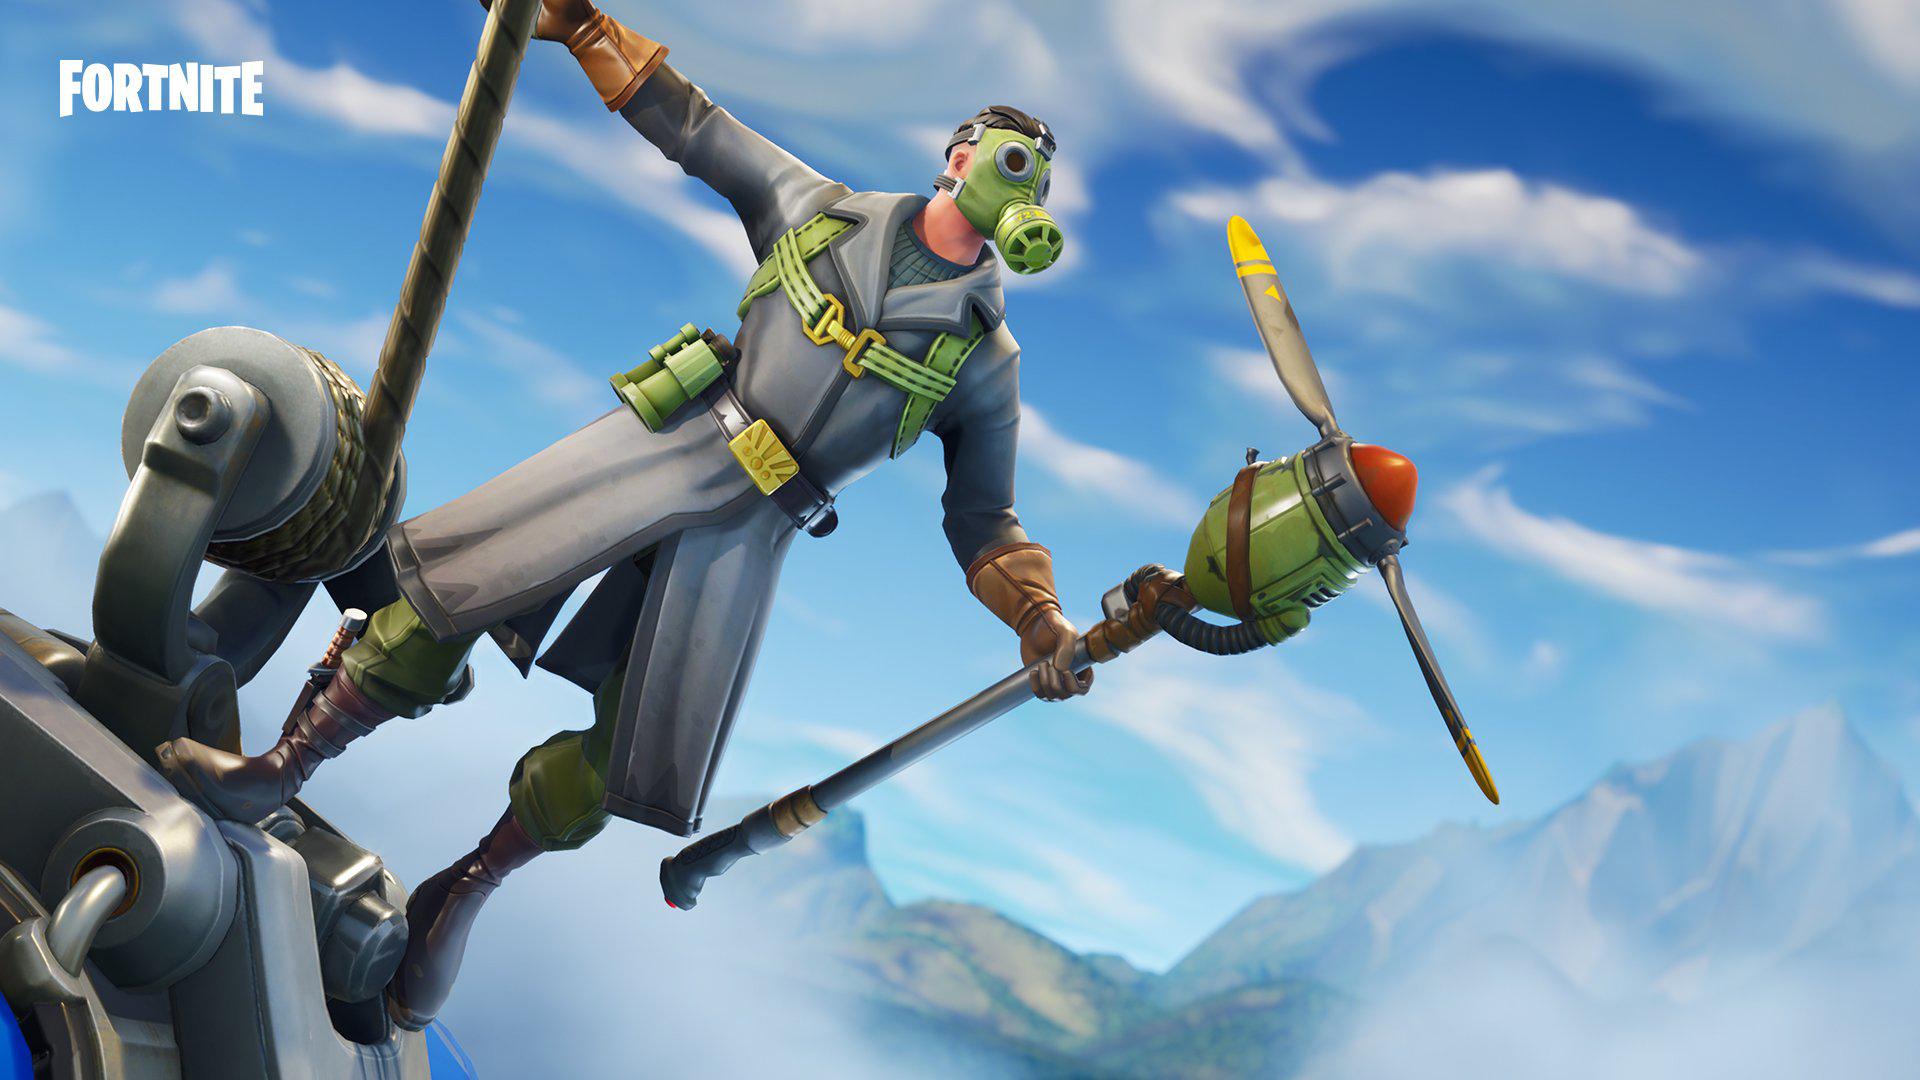 Fortnite Sky Stalker Skin Character Png Images Pro Game Guides